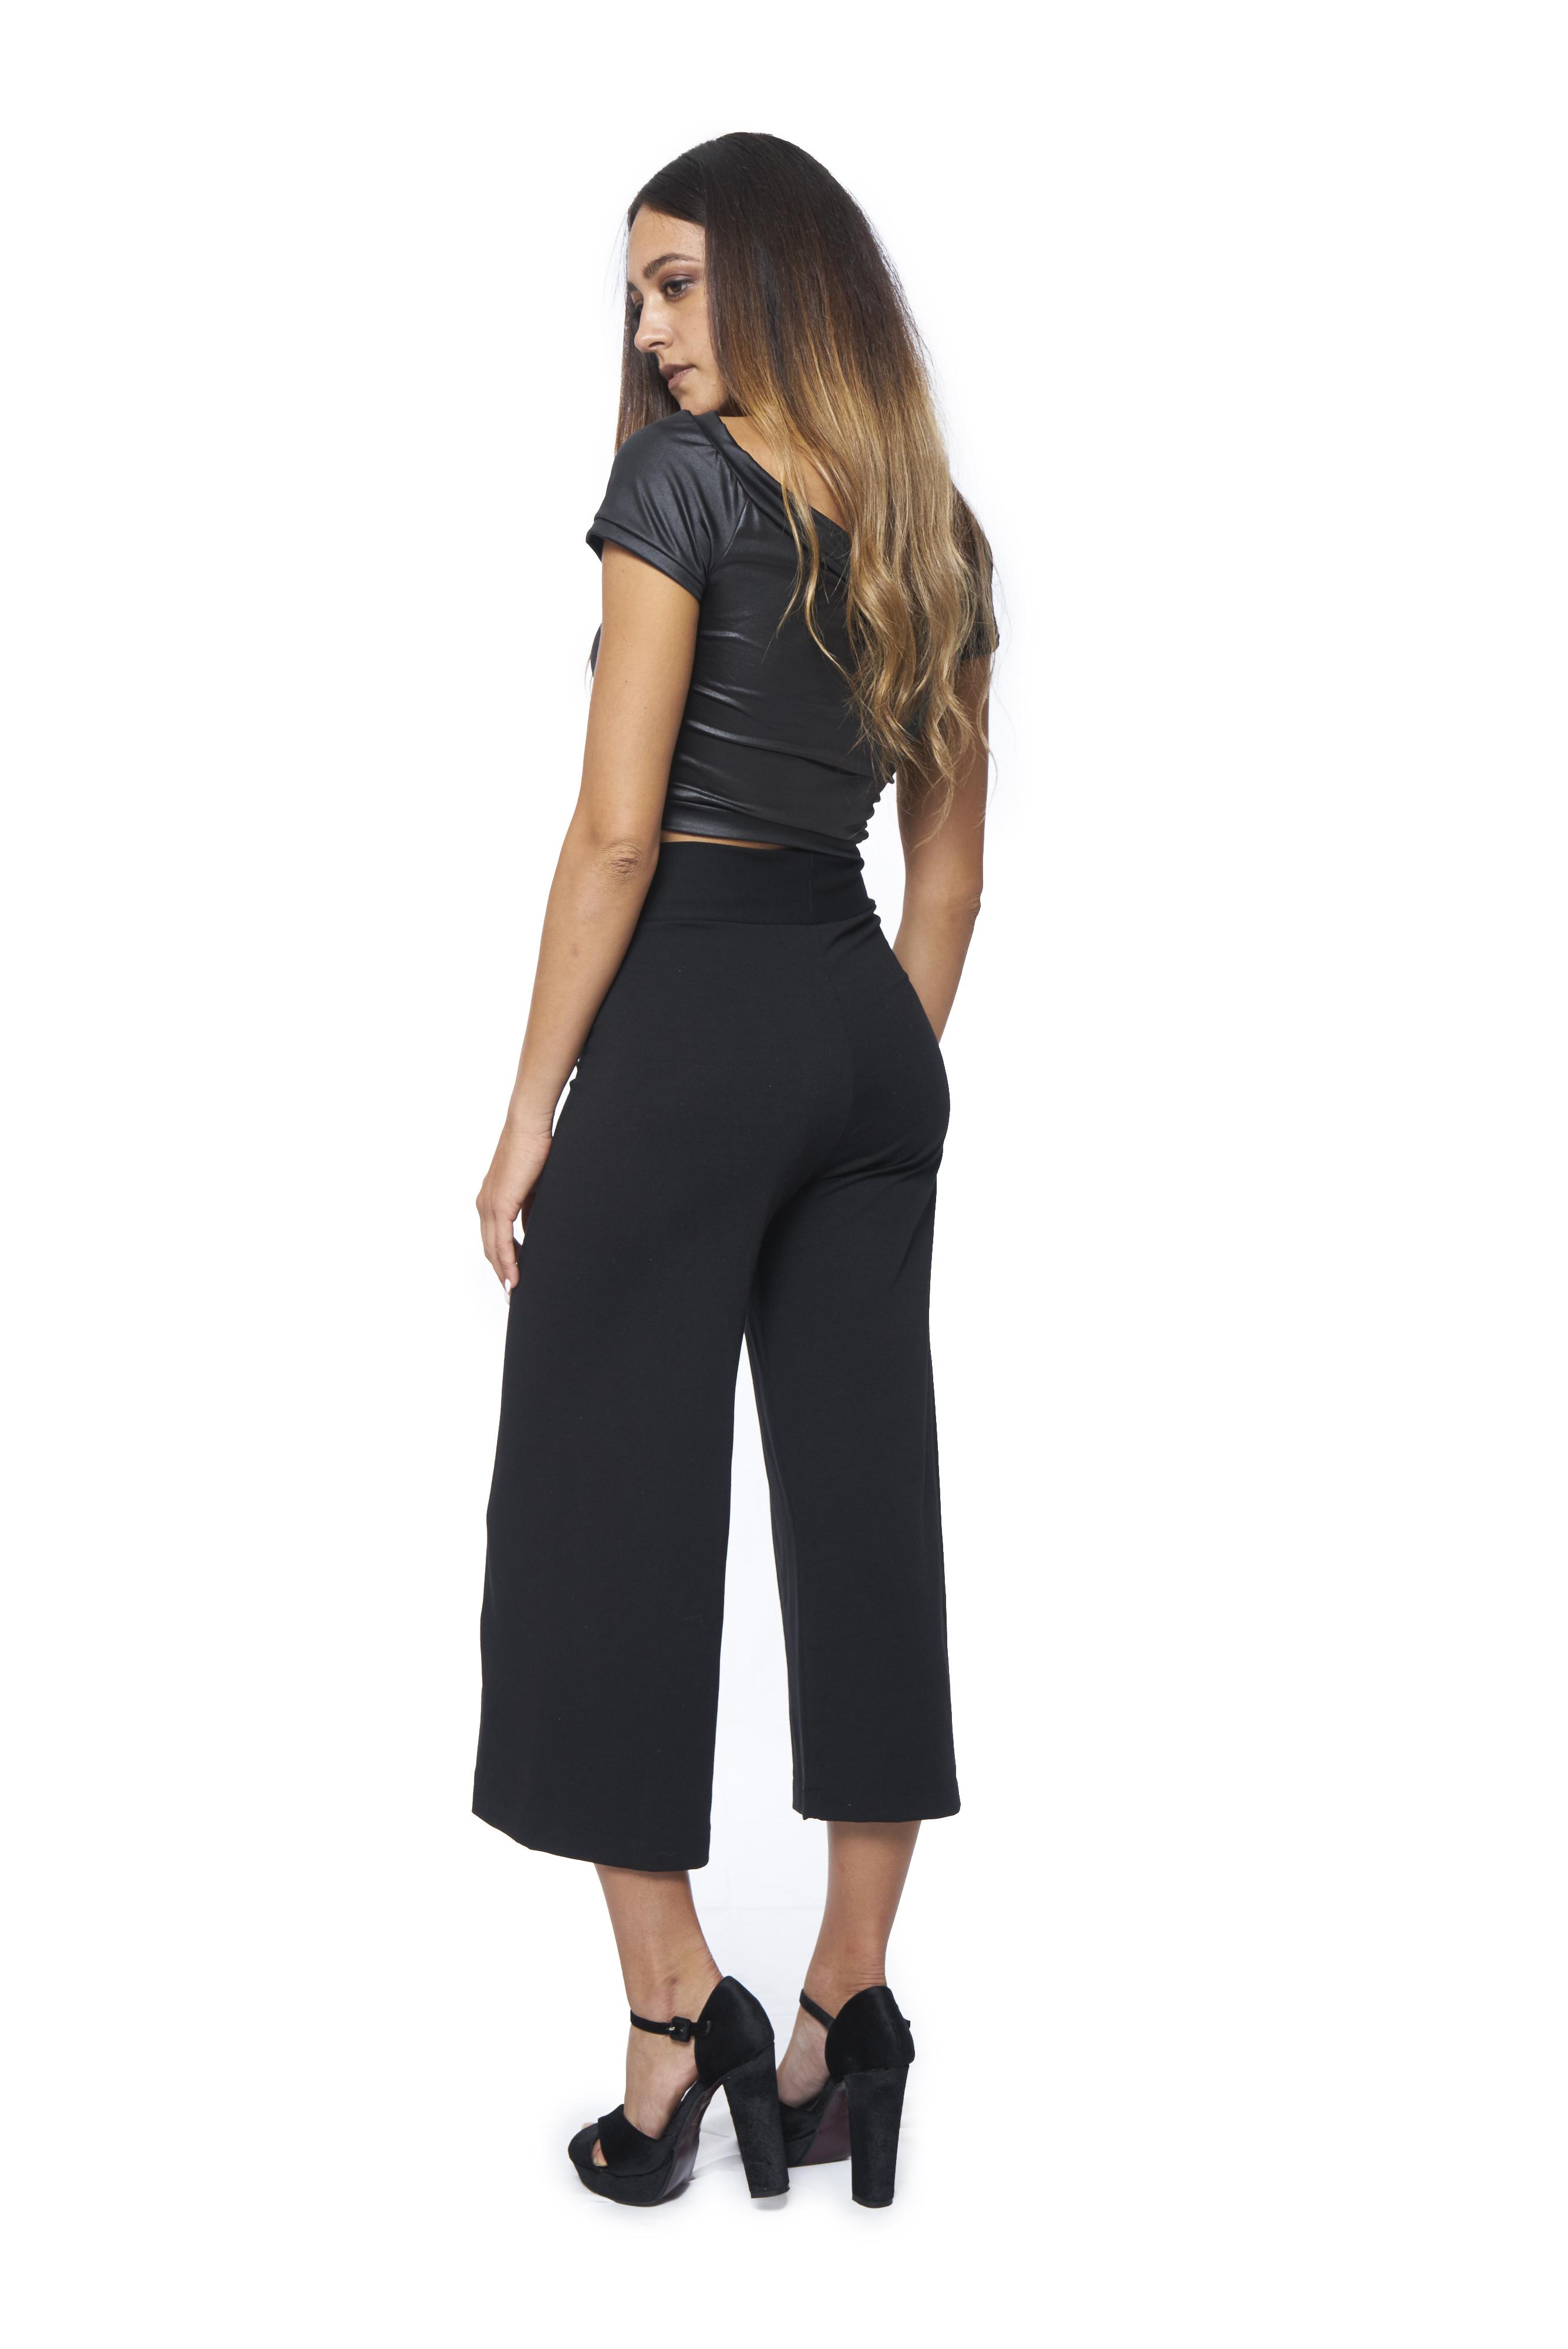 pantalone-nero-dritto